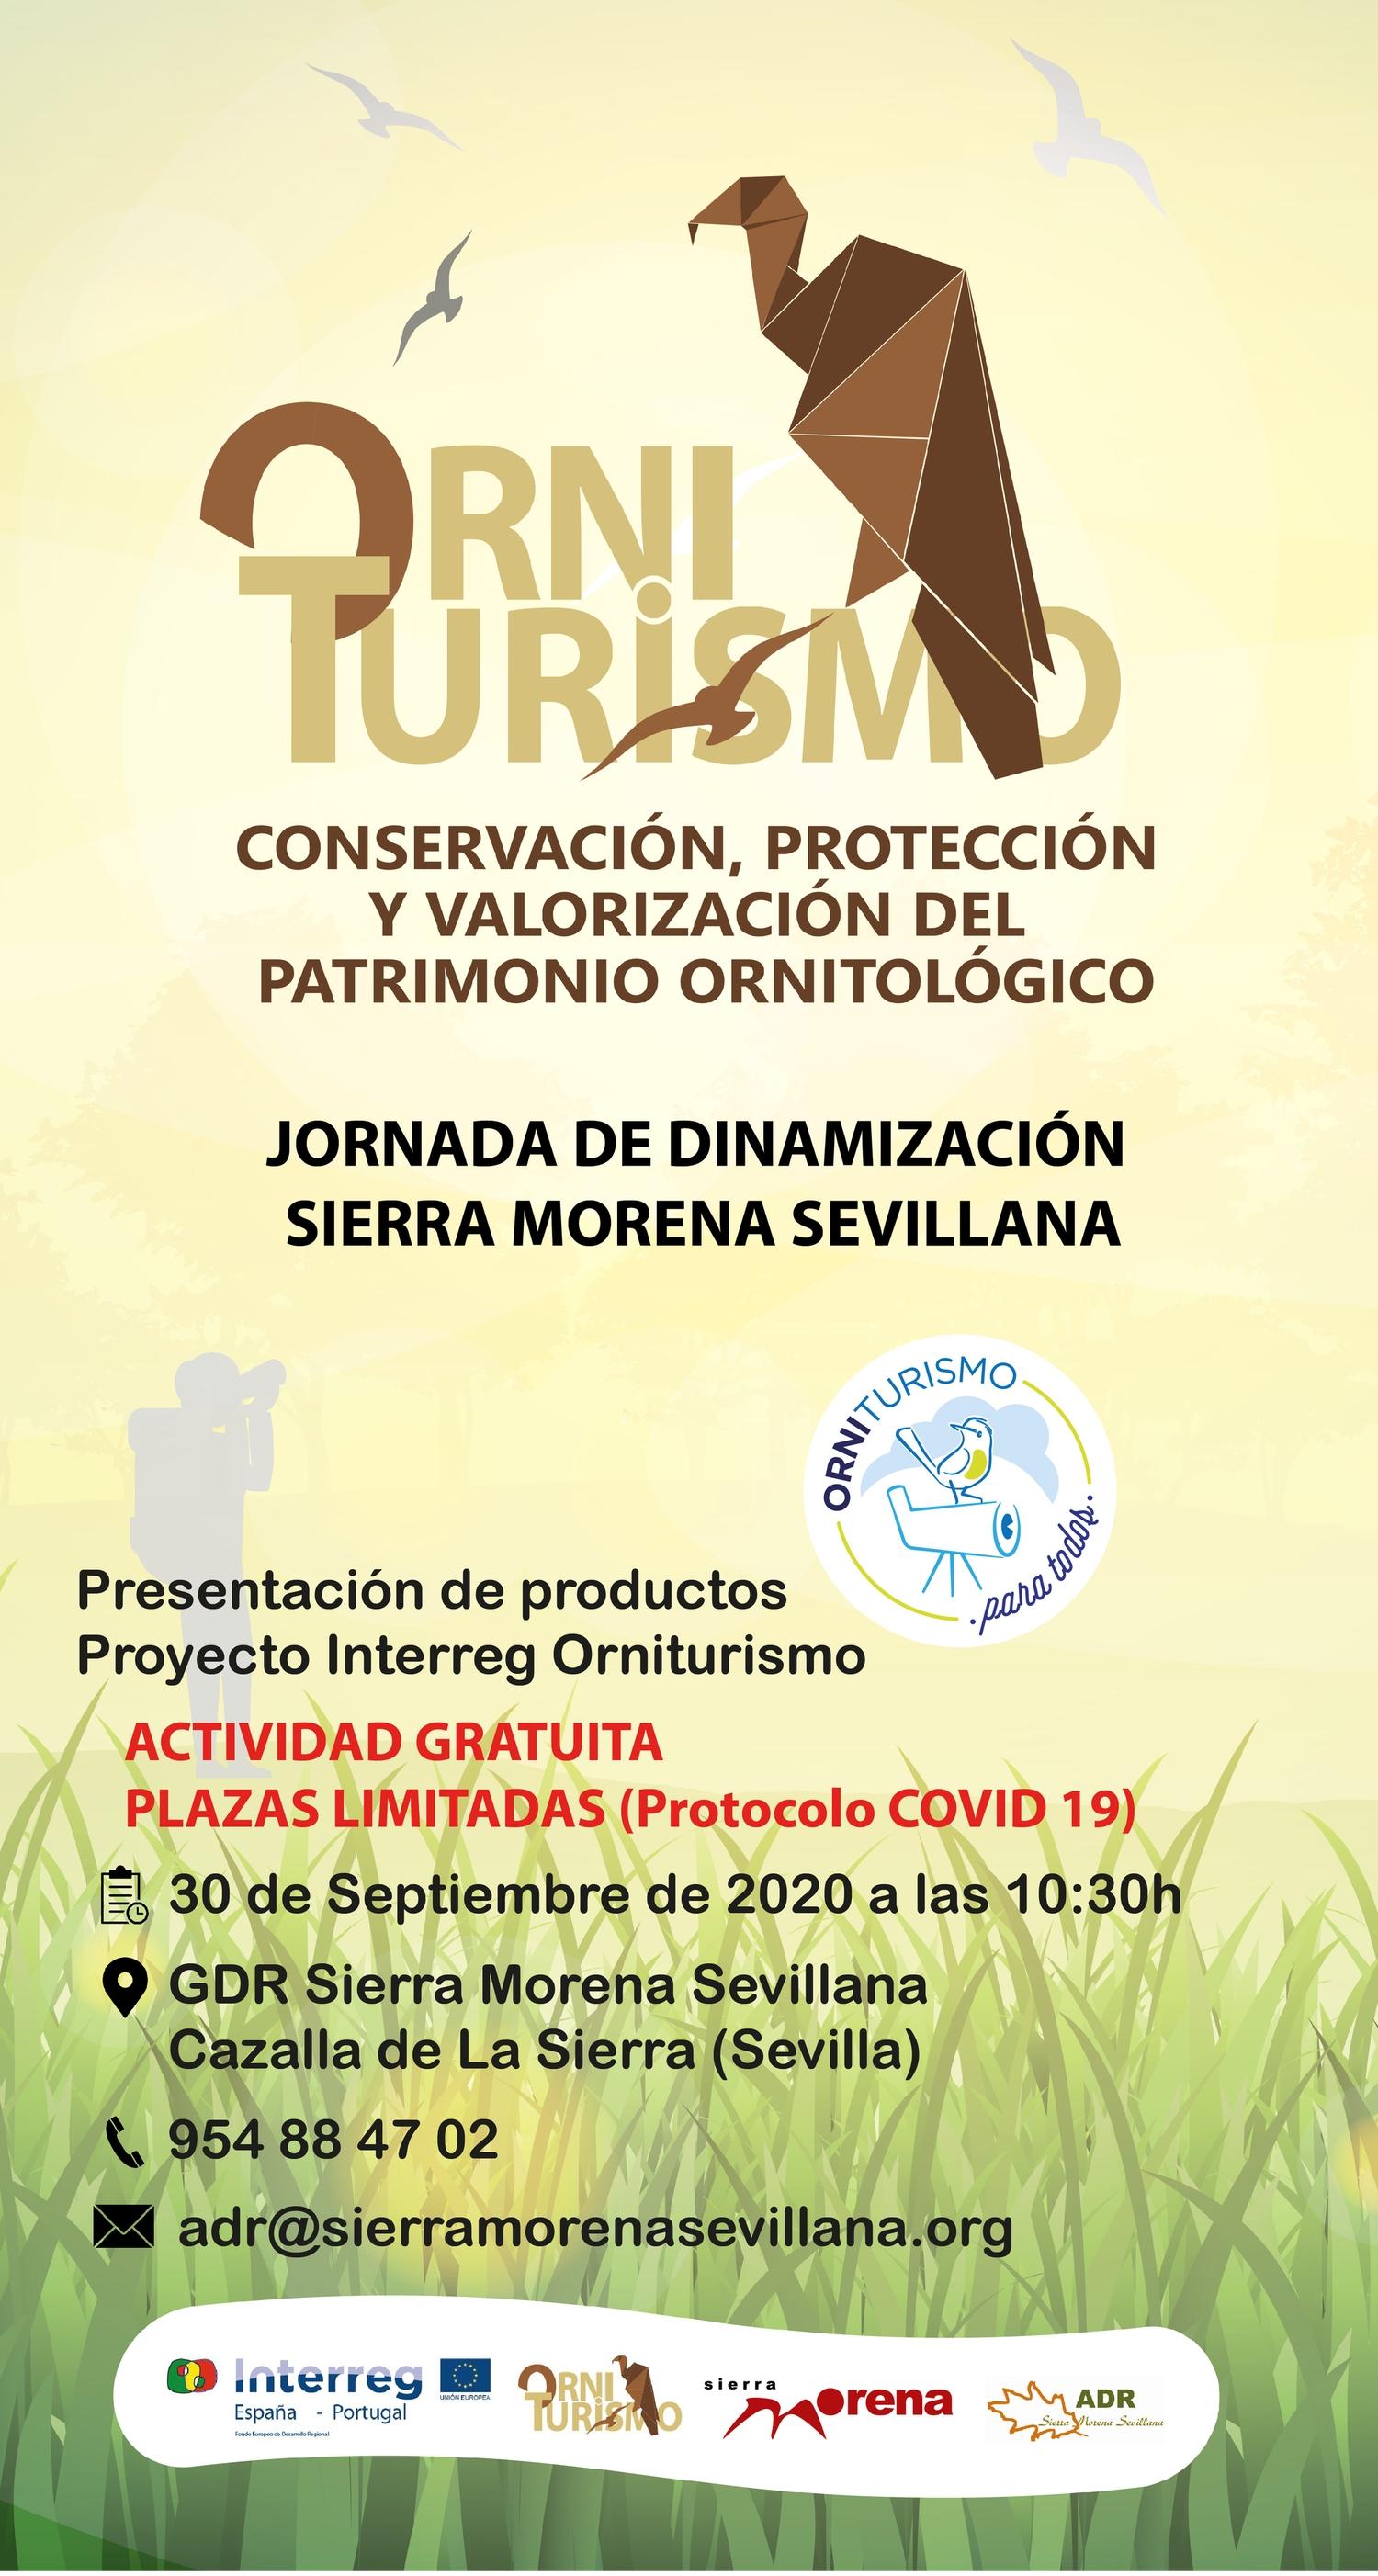 Jornada de dinamización Sierra Morena Sevillana (30/09/2020)